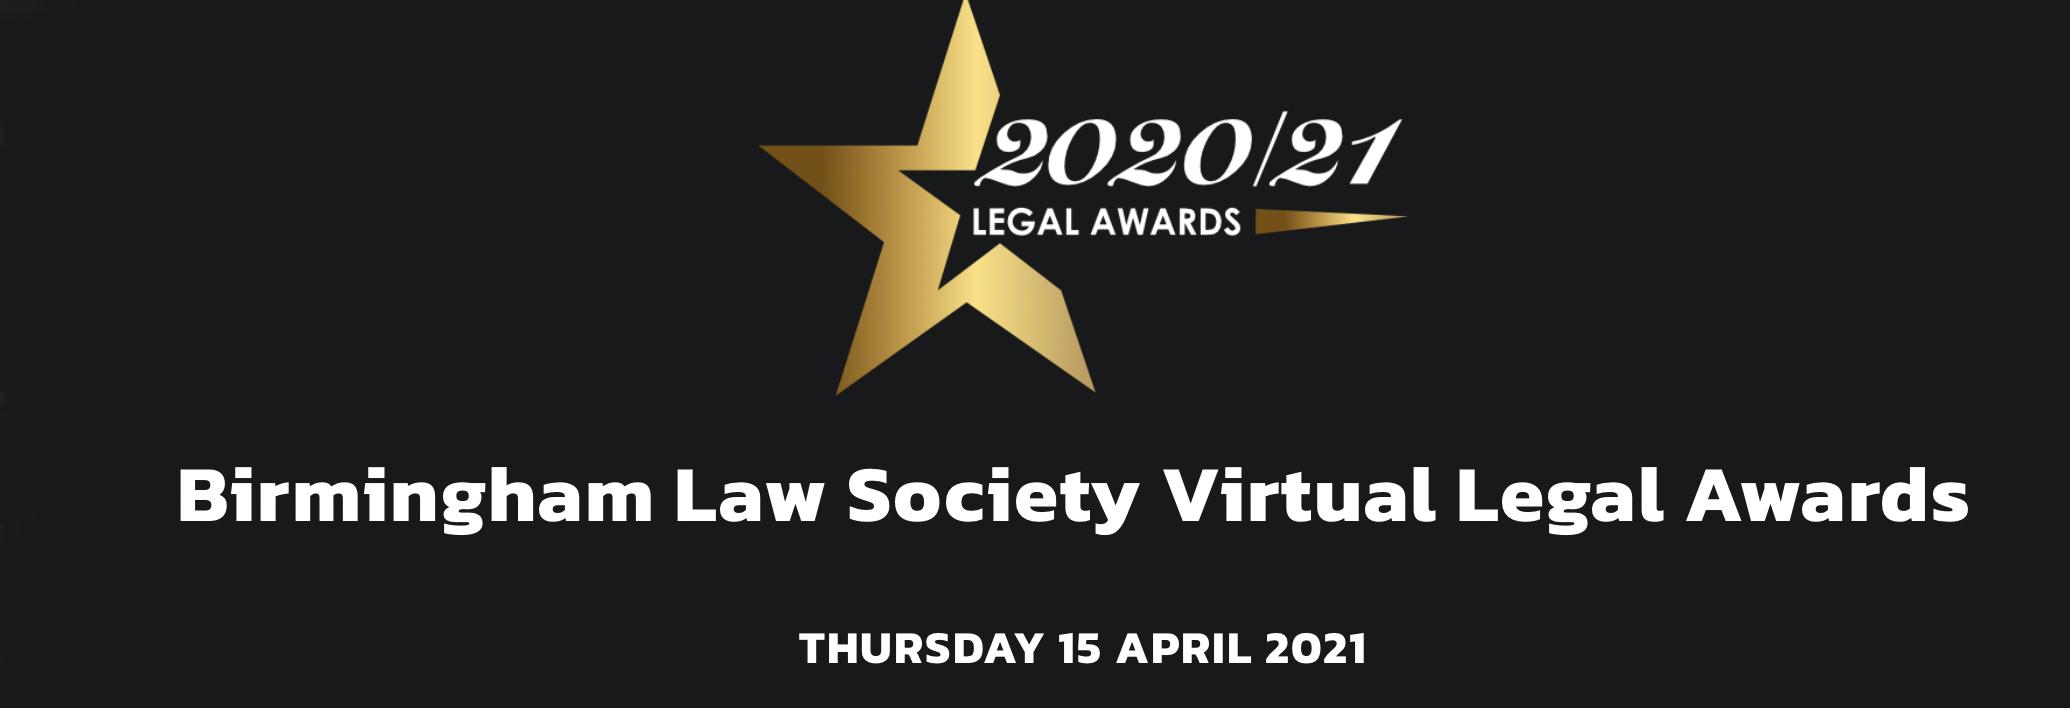 Юридические награды именитых спонсоров